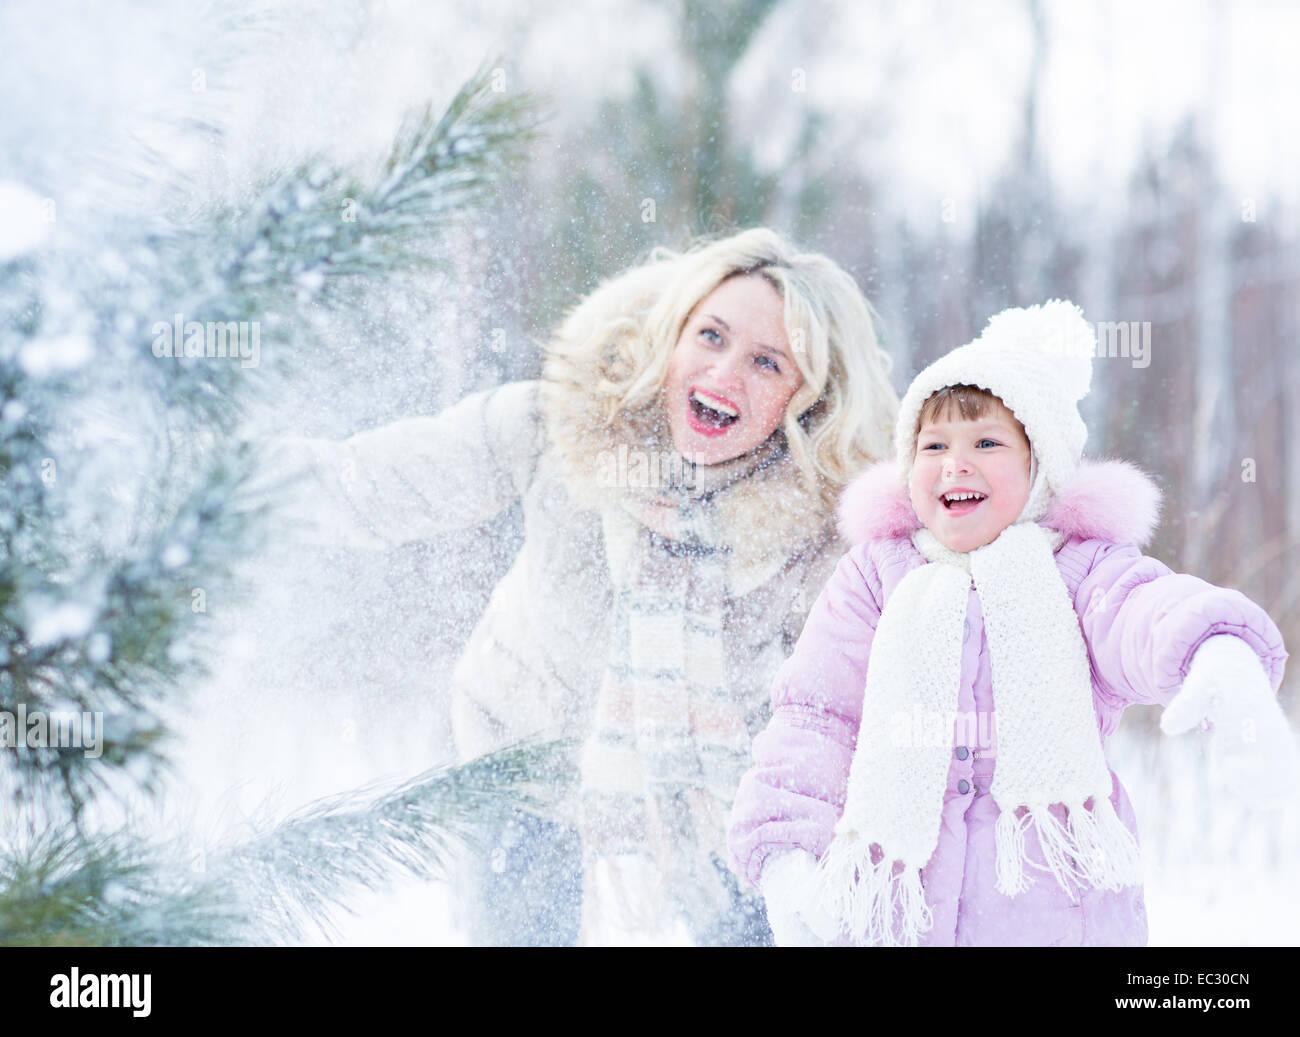 Y kid mopther feliz jugando con nieve en invierno Piscina Imagen De Stock